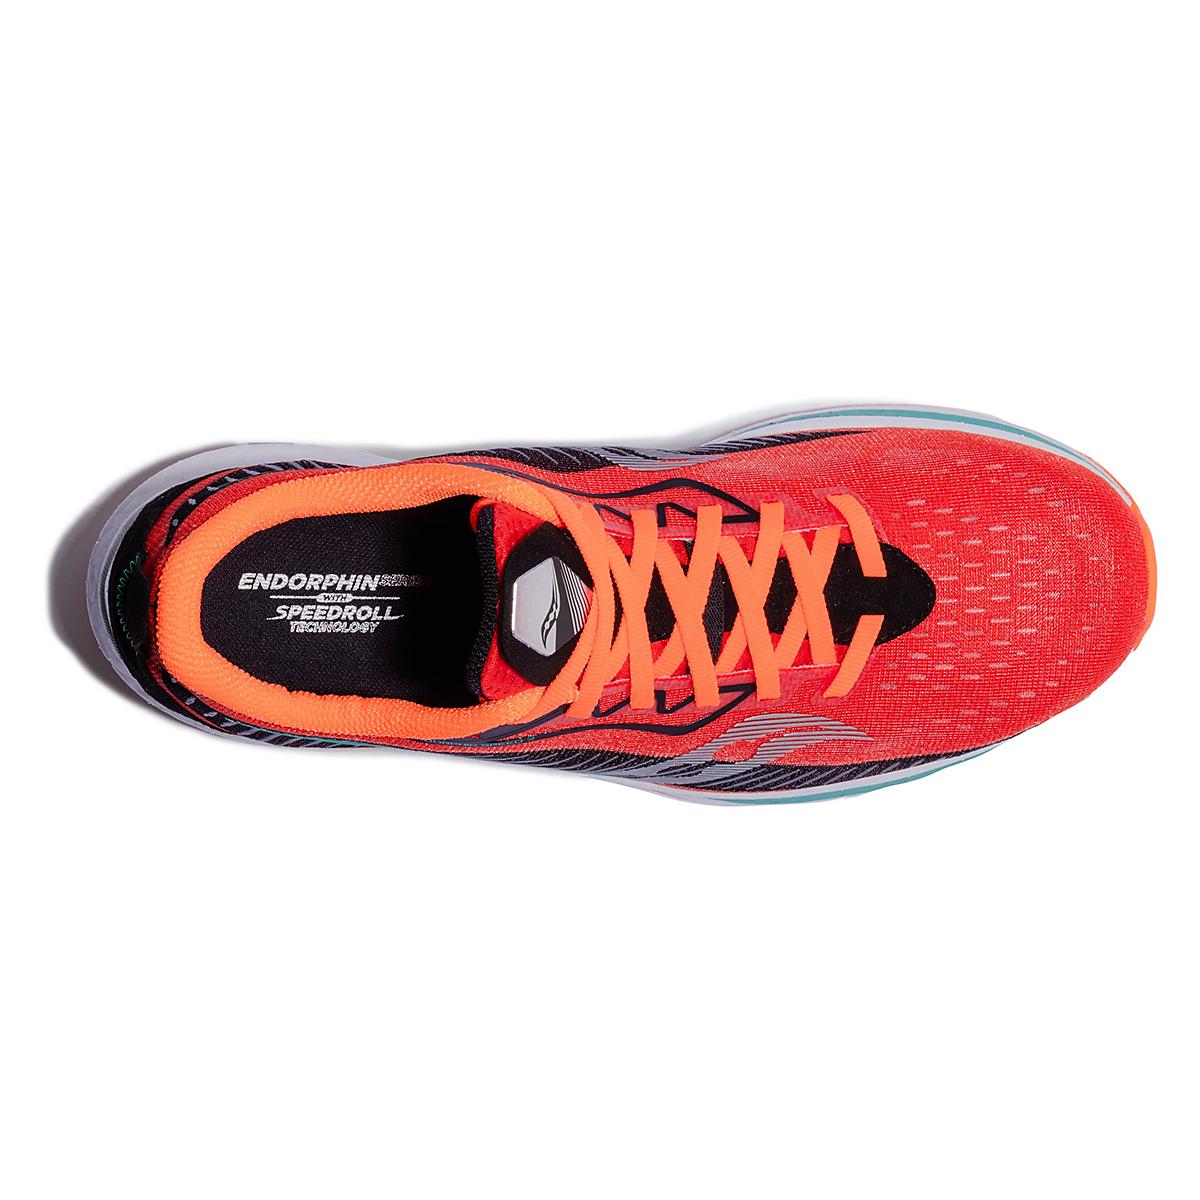 Men's Saucony Endorphin Speed 2 Running Shoe - Color: Scarlet / Black - Size: 7 - Width: Regular, Scarlet / Black, large, image 3